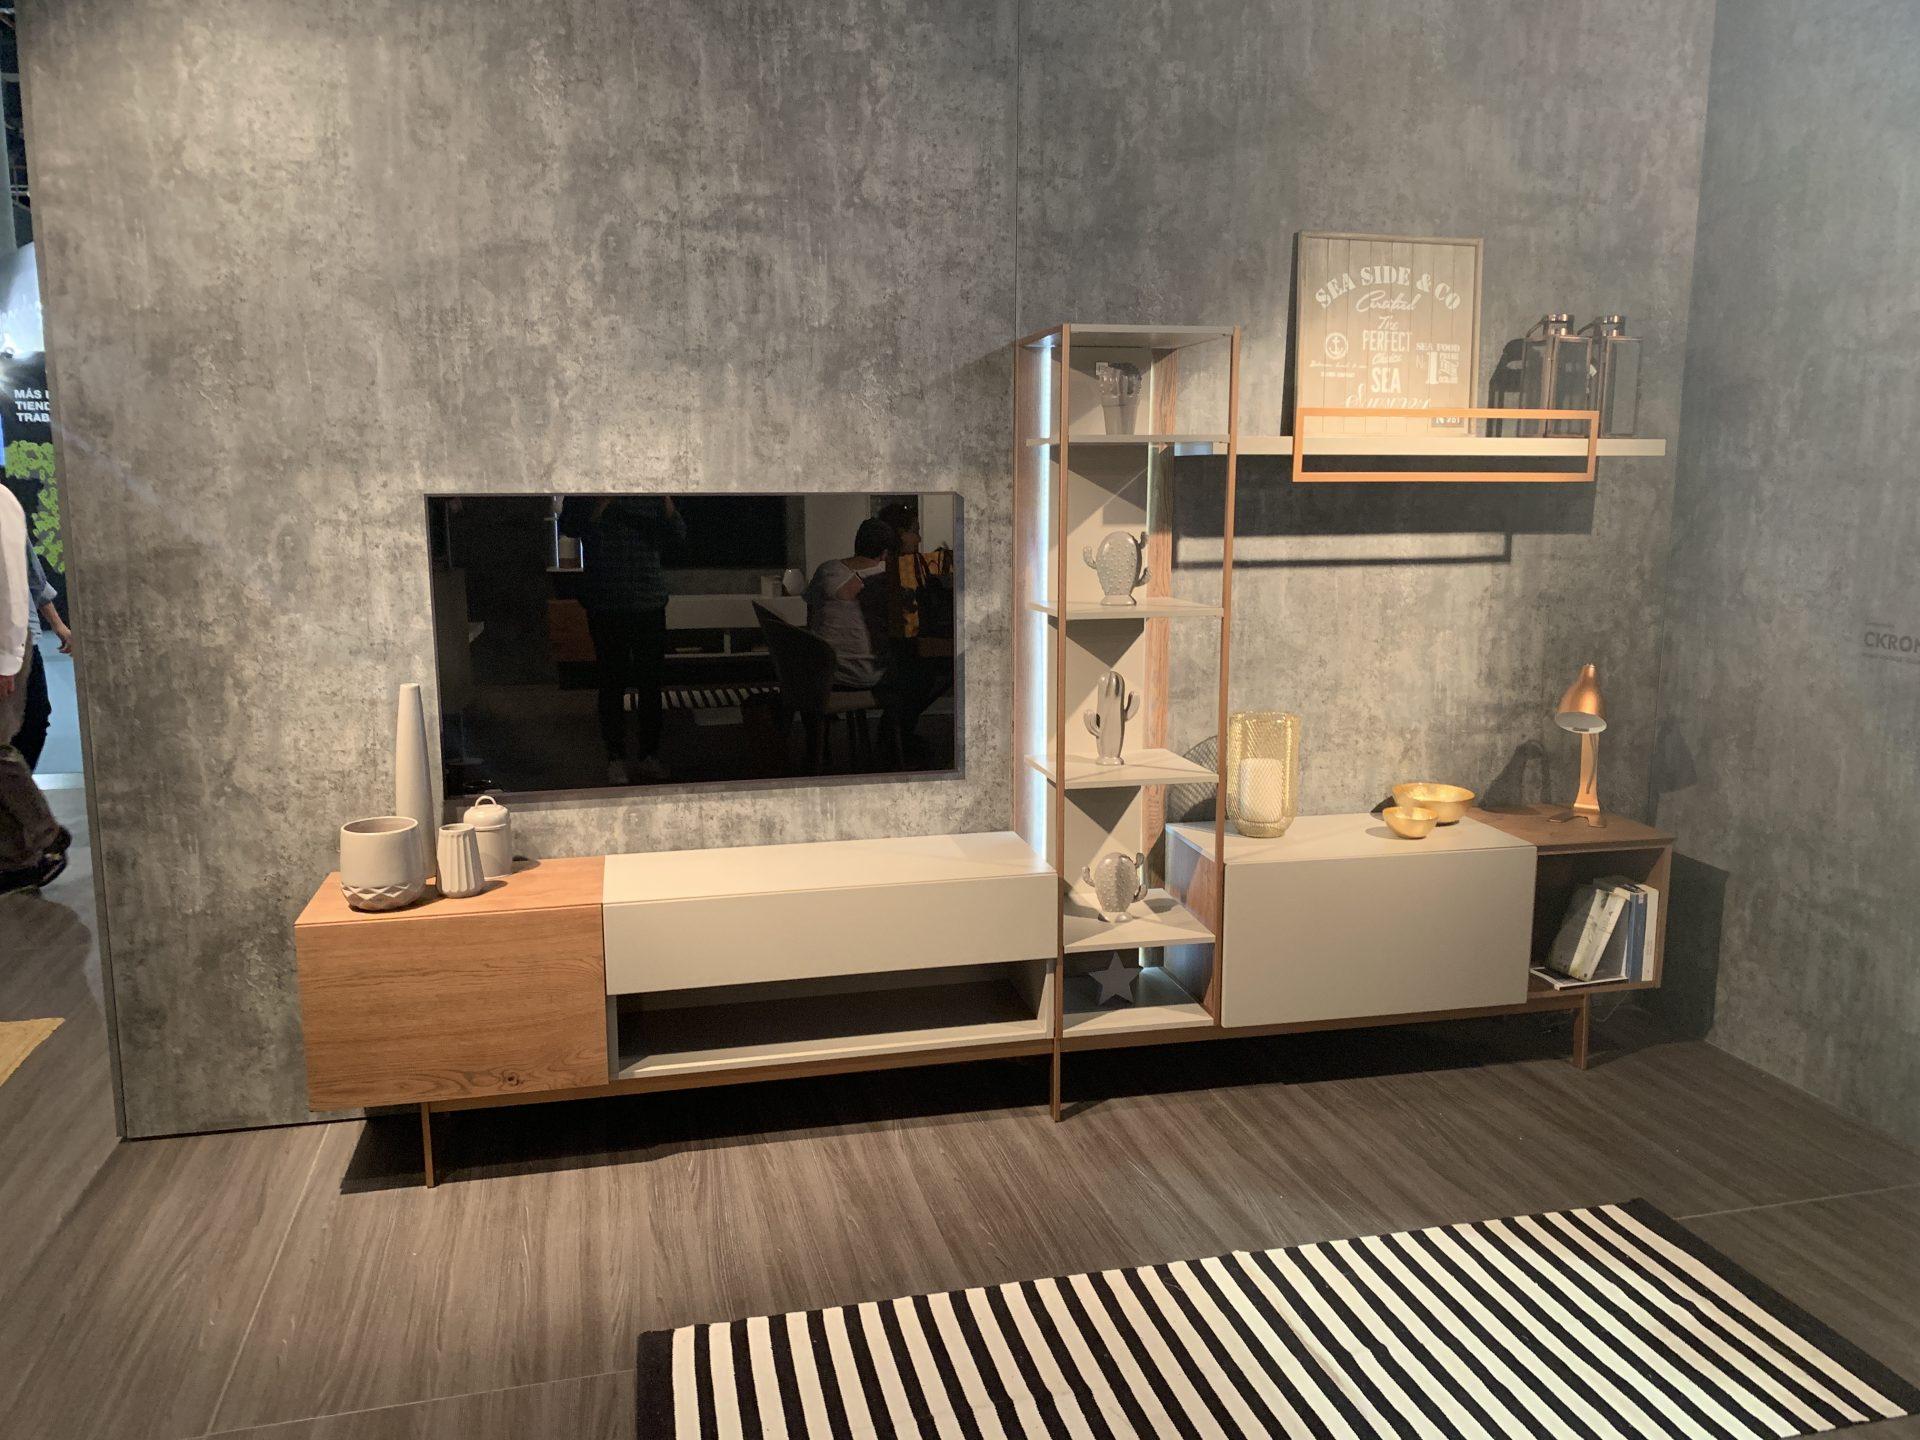 Muebles en Zaragoza | Muebles Nebra VIVAREA